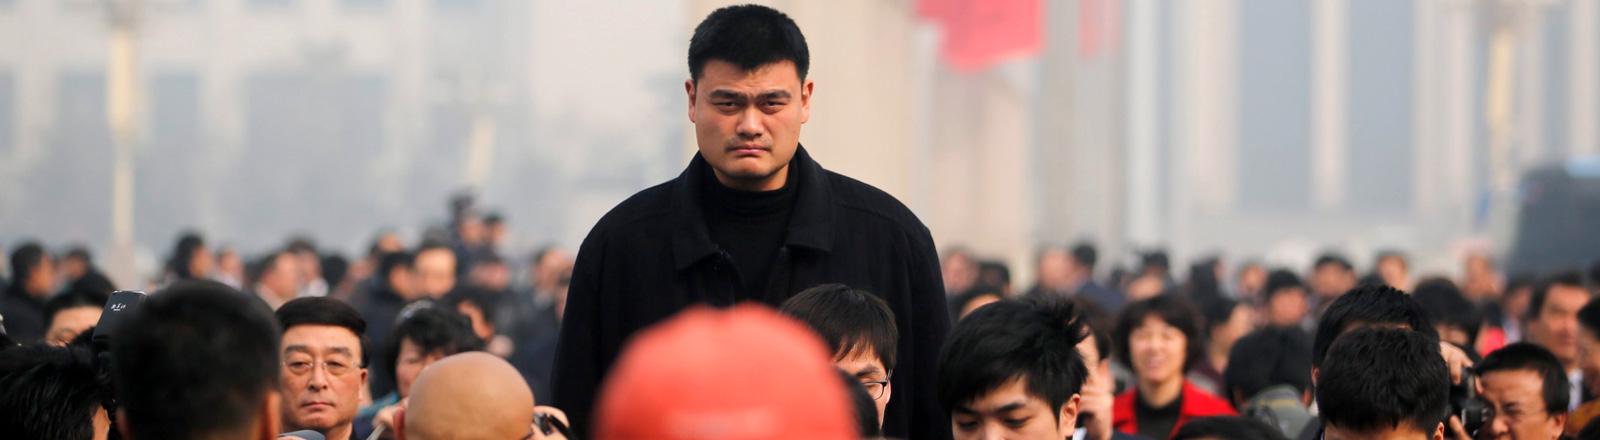 Yao Ming zwischen einer Horde Journalisten. Die meisten um ihn stehenden Menschen reichen nicht mal bis zu seiner Brust.